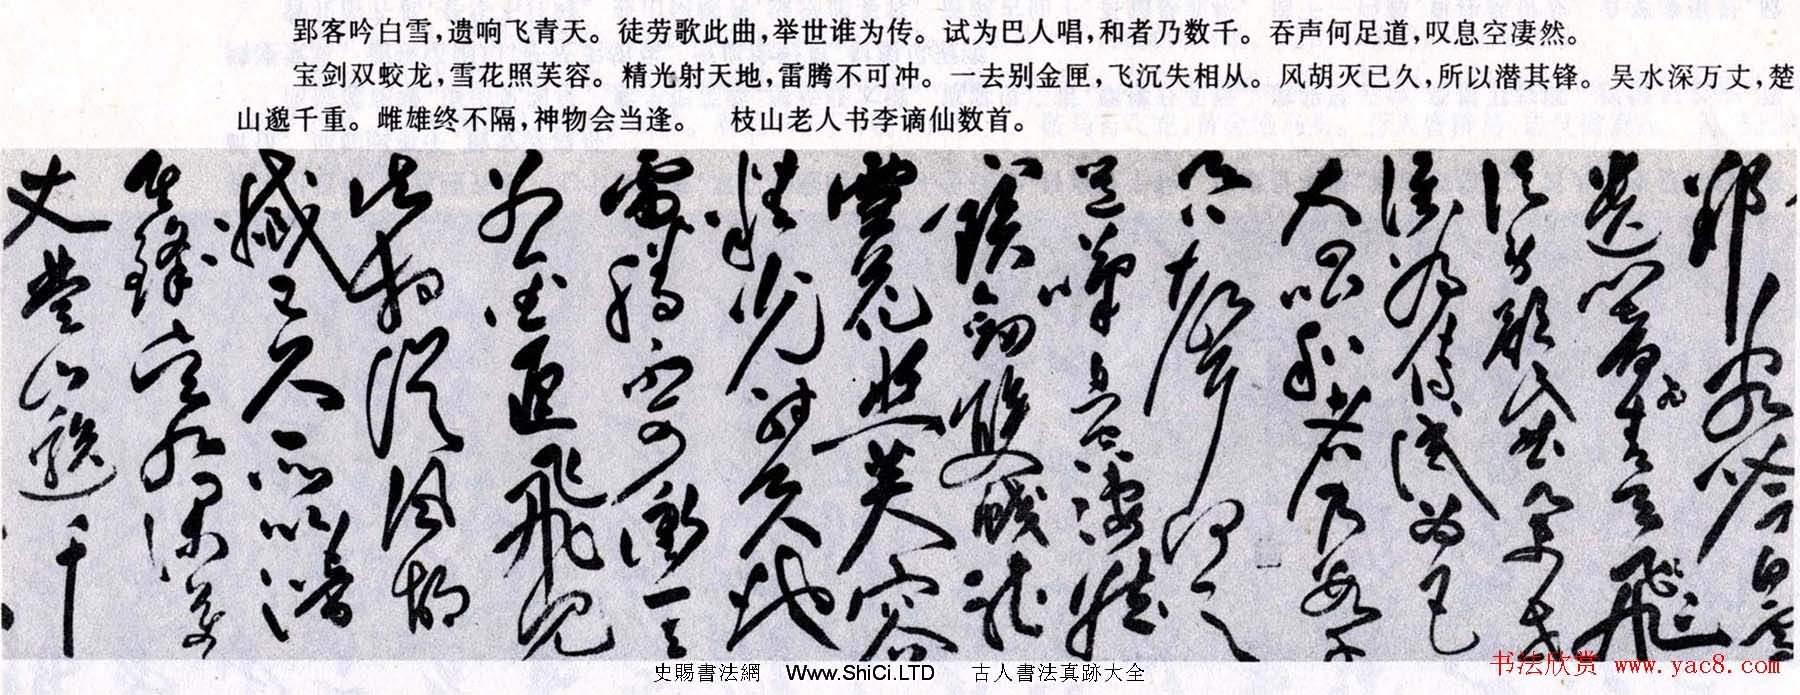 祝允明草書欣賞李白五言古詩卷